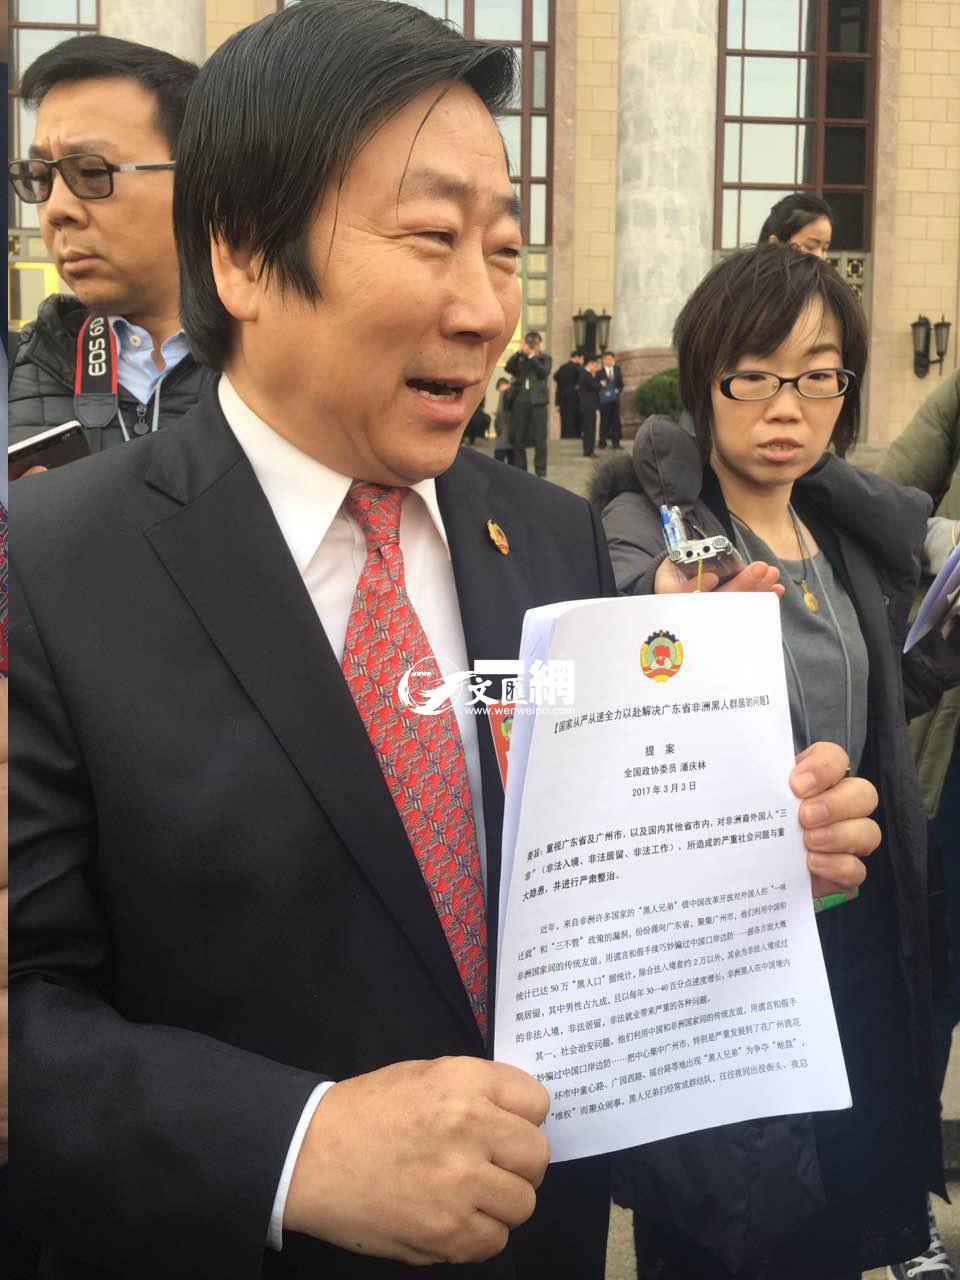 全國政協委員潘慶林展示提案